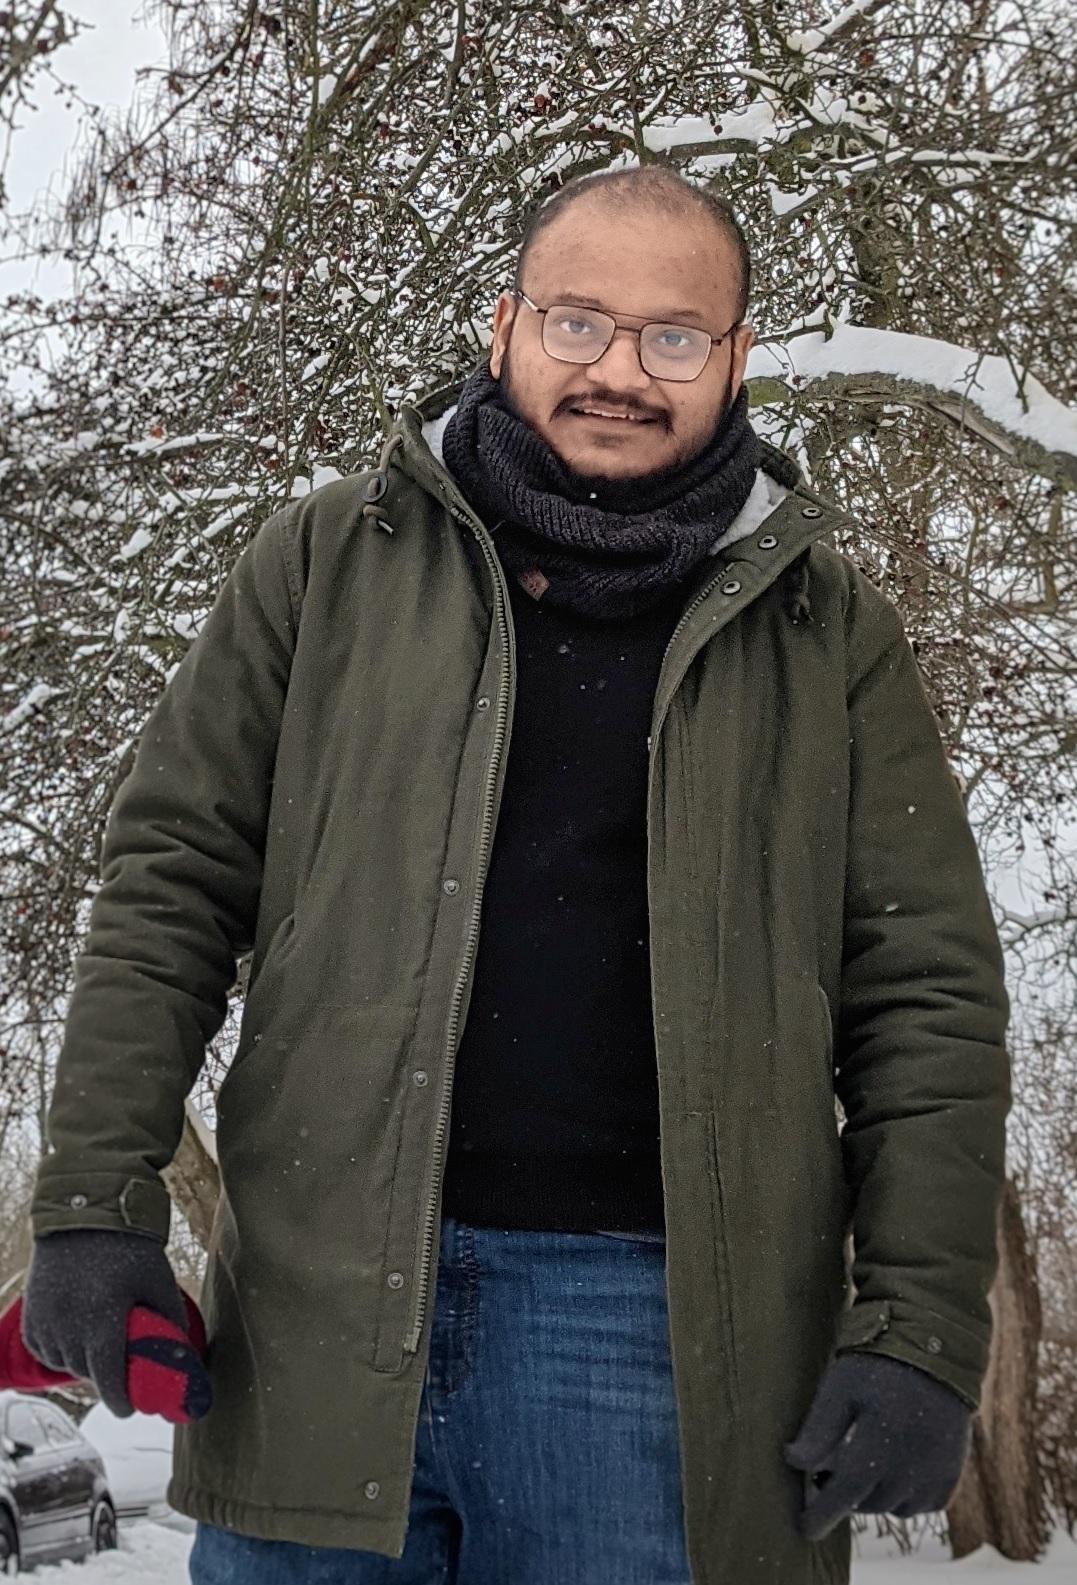 Abu Sayeed Mohammed Ziad